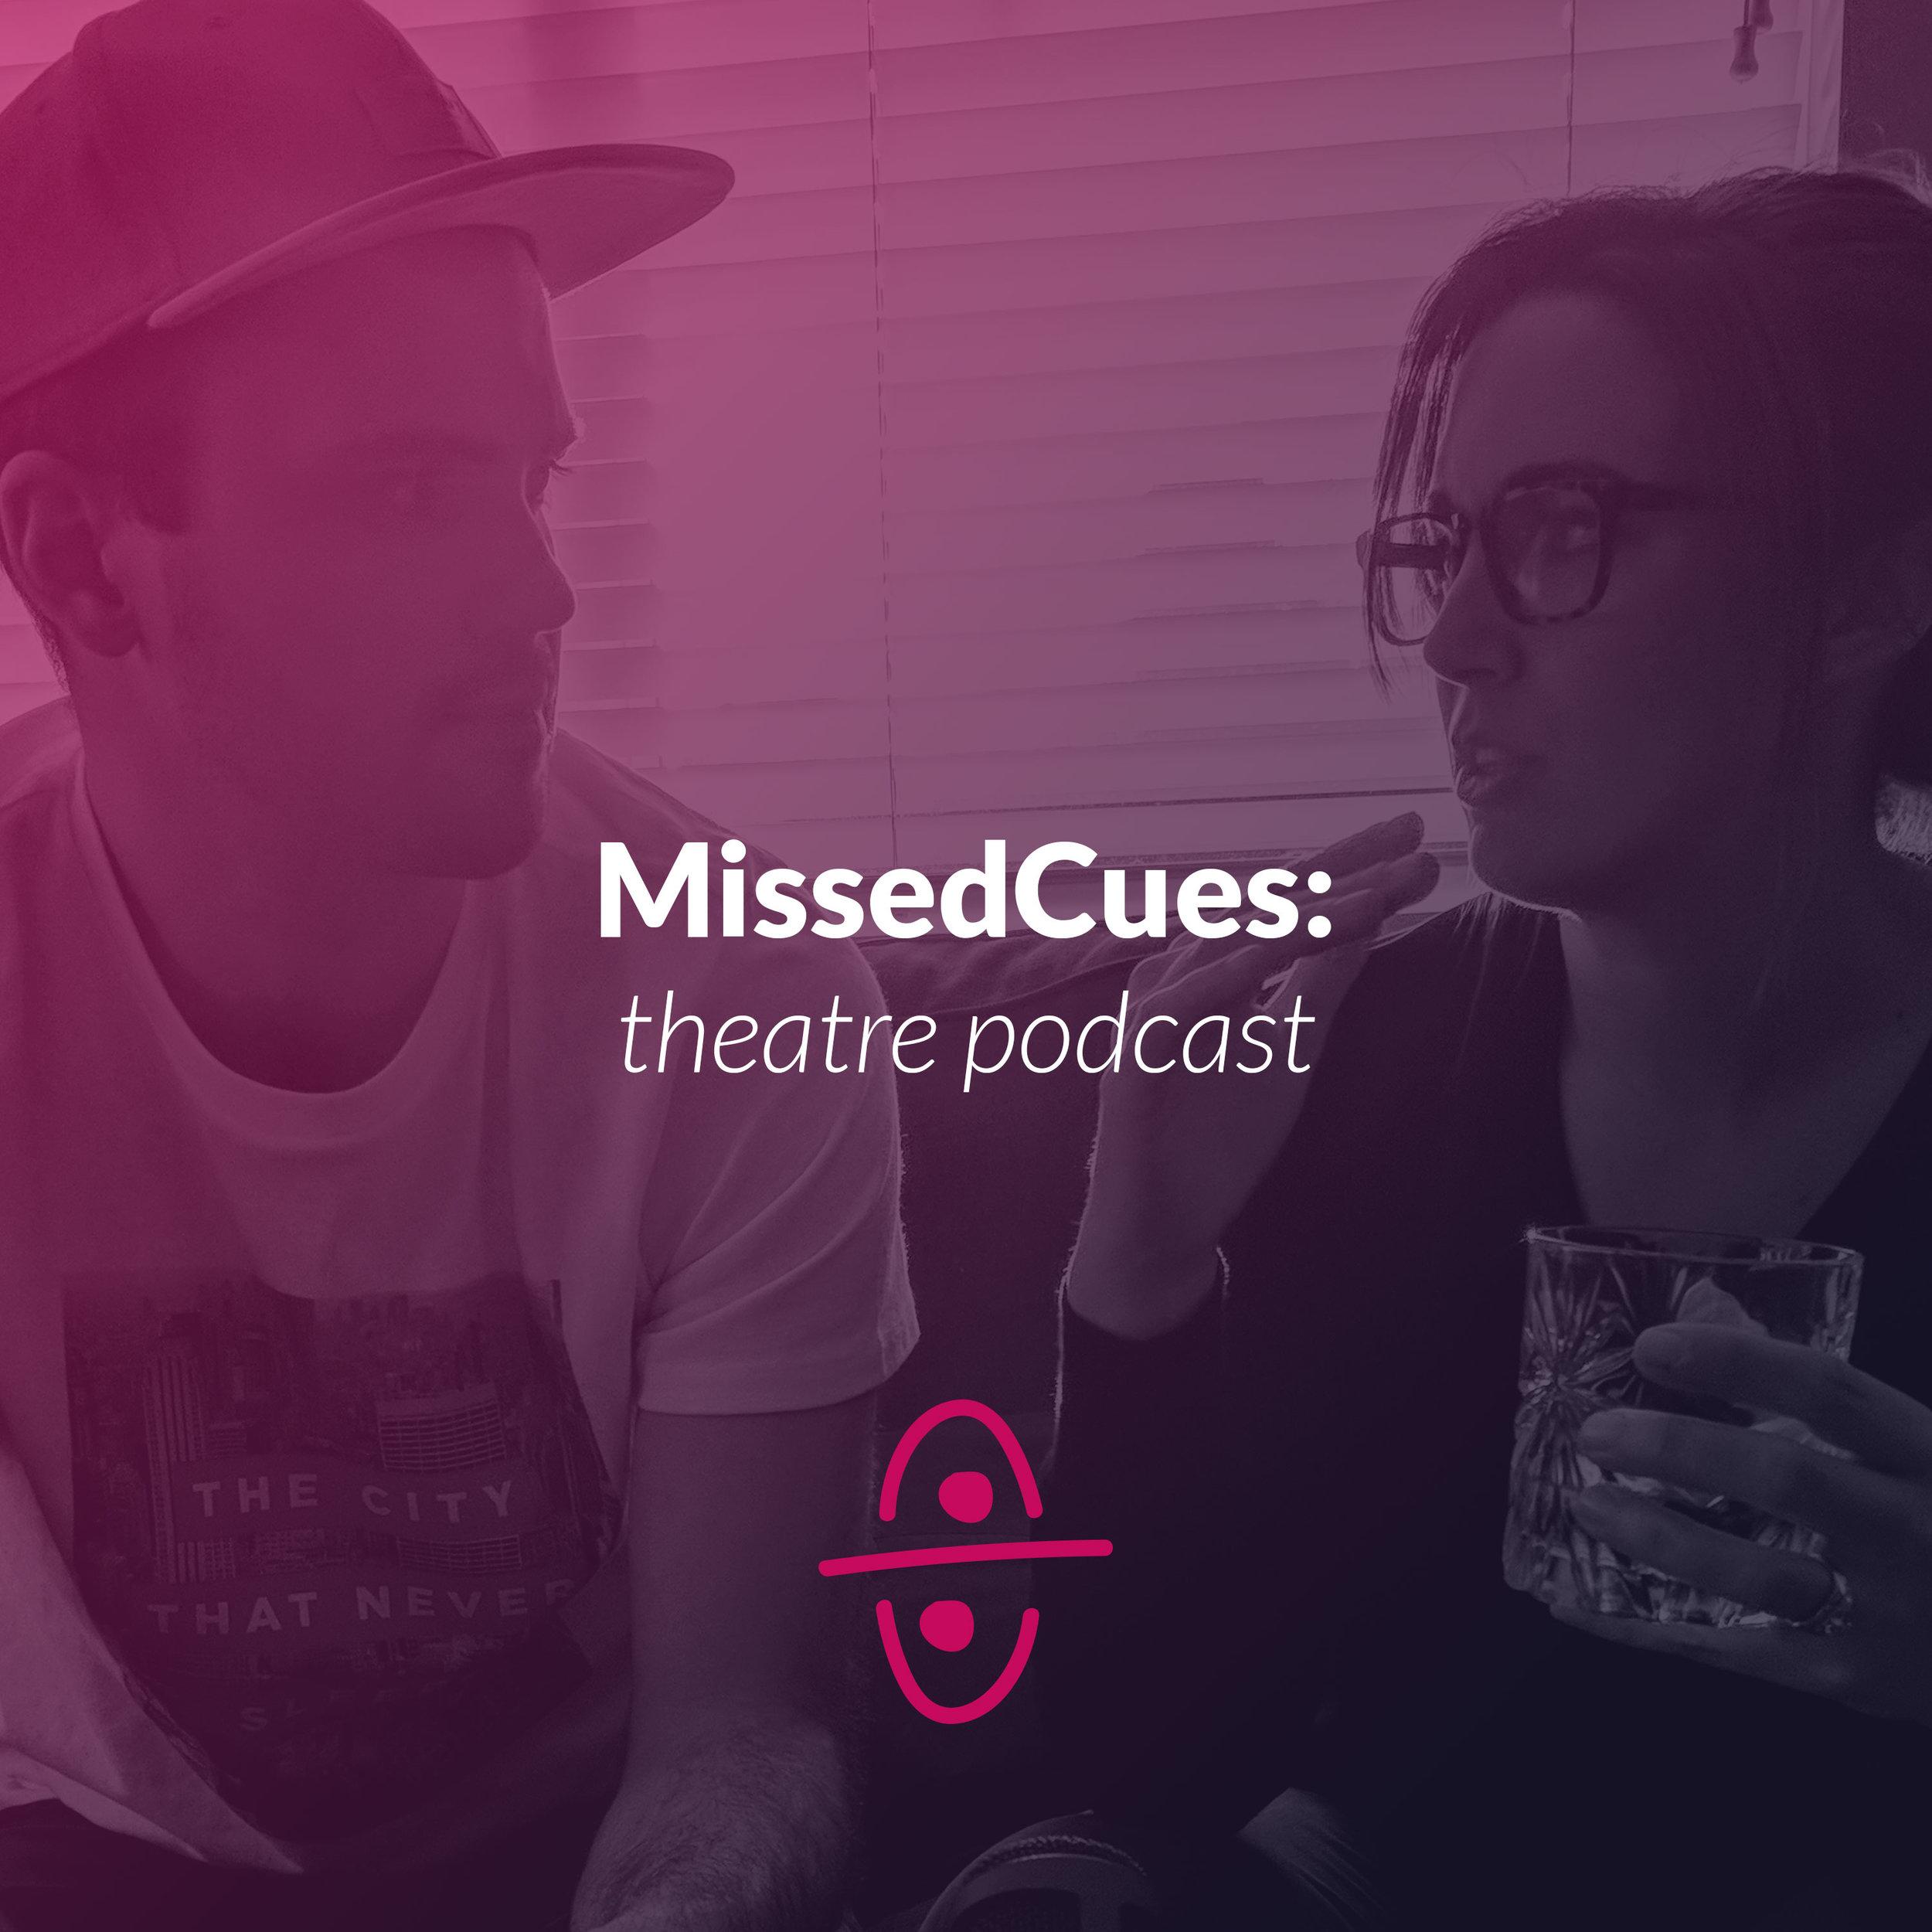 Missed-Cues-cover.jpg